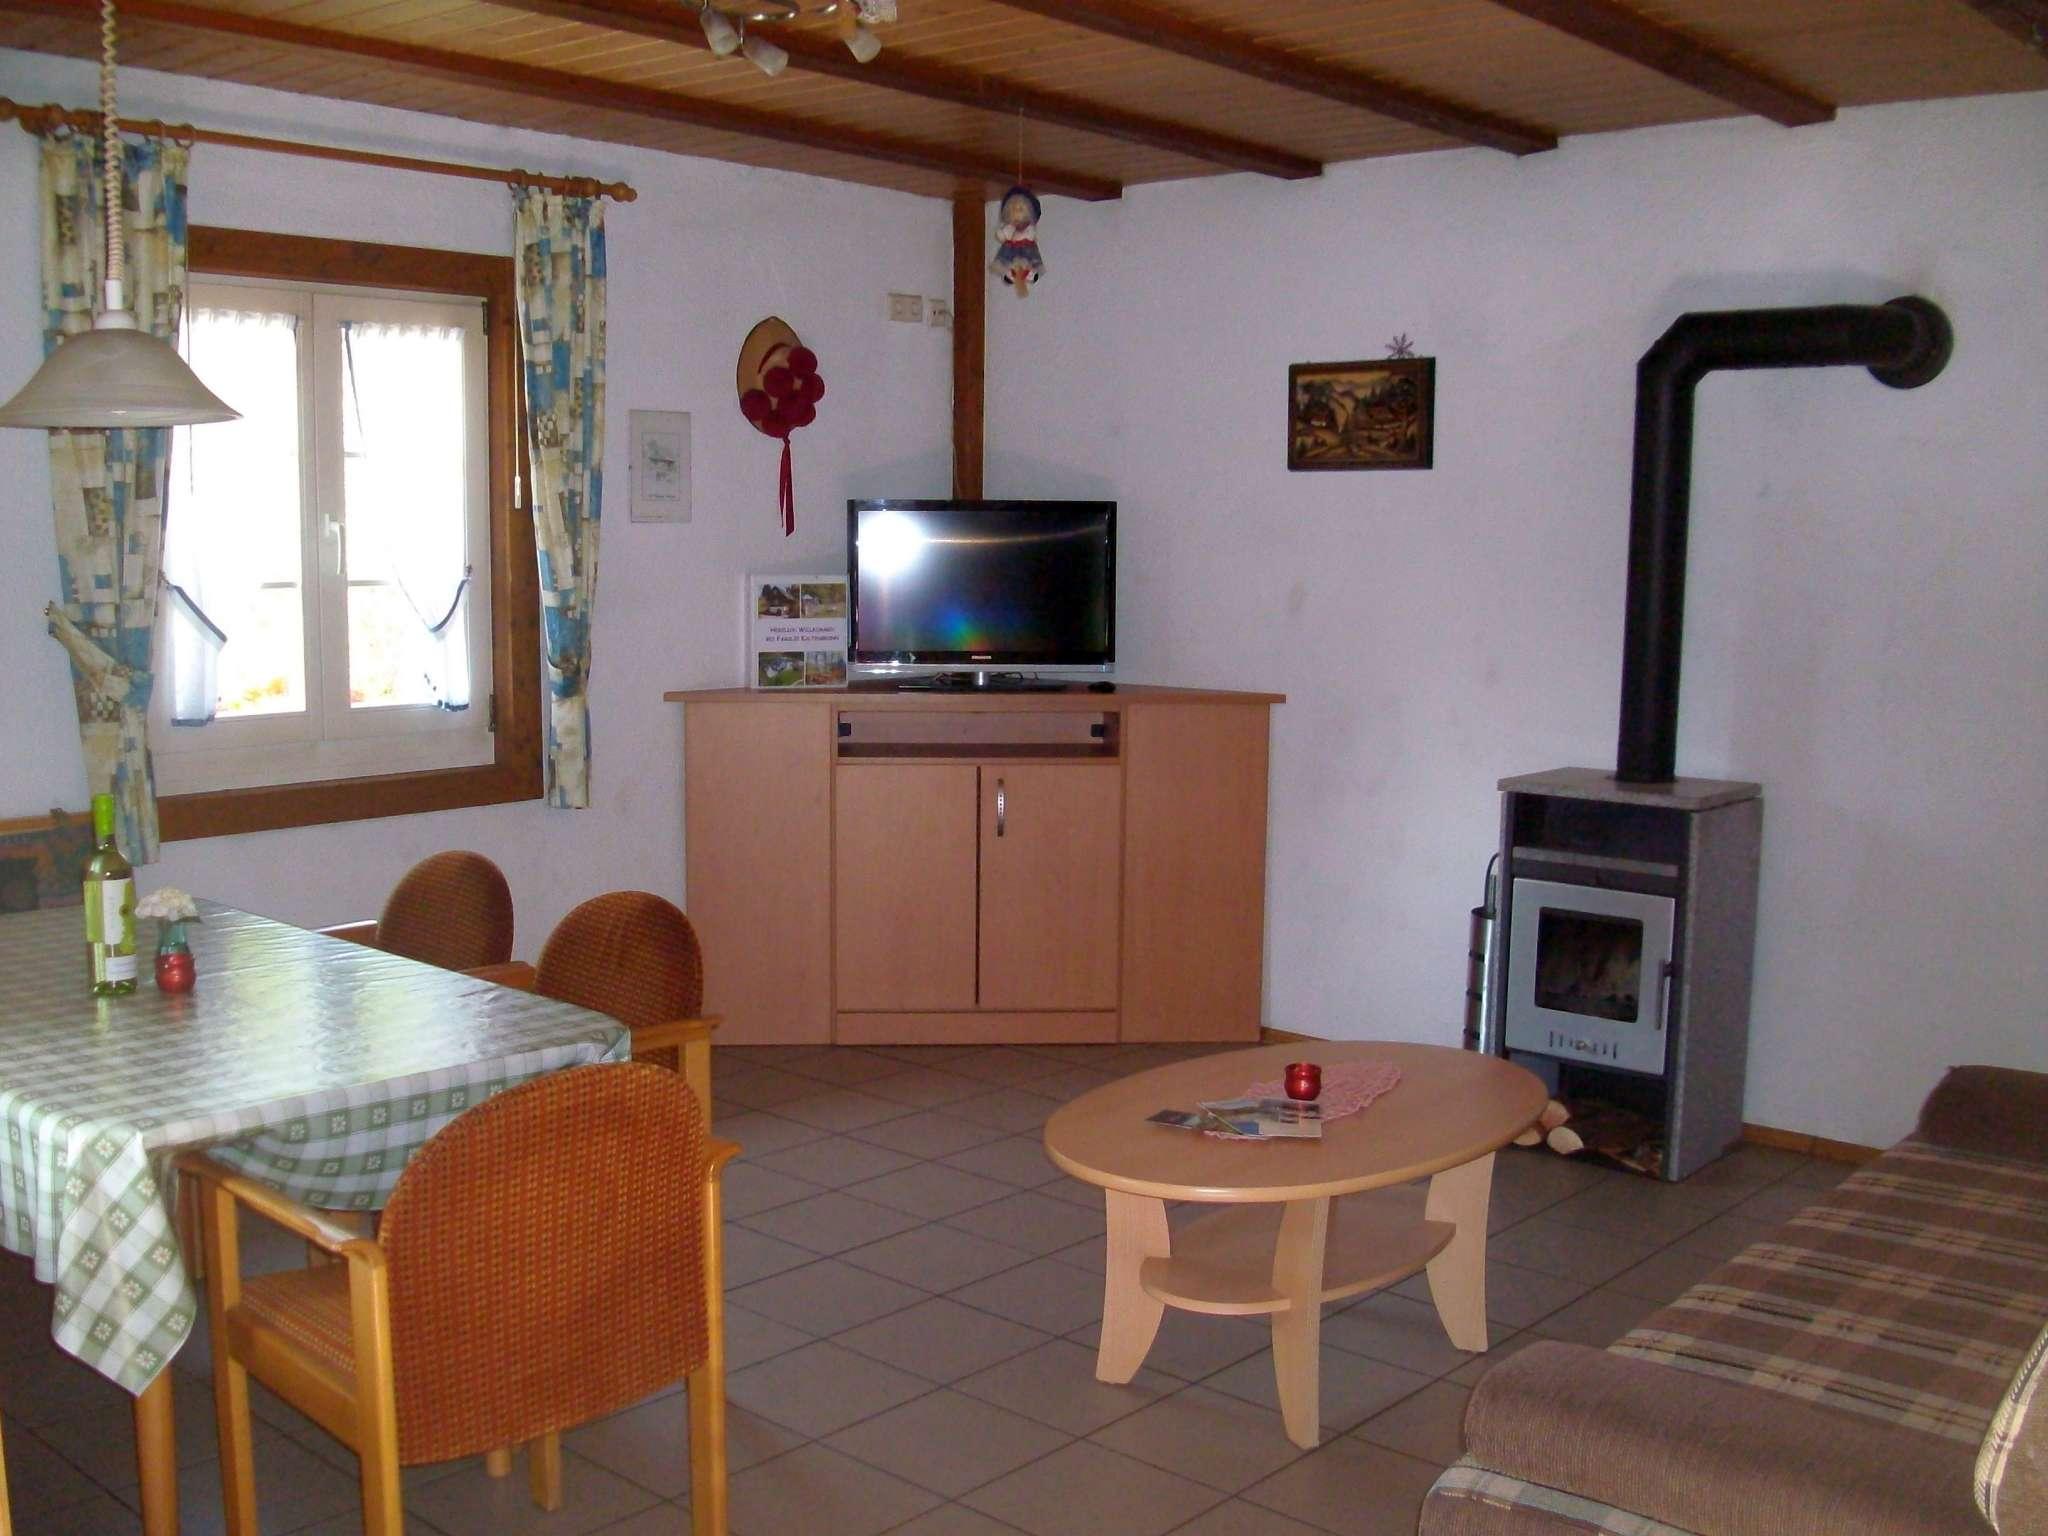 Ferienh�uschen - Wohnraum und Essbereich